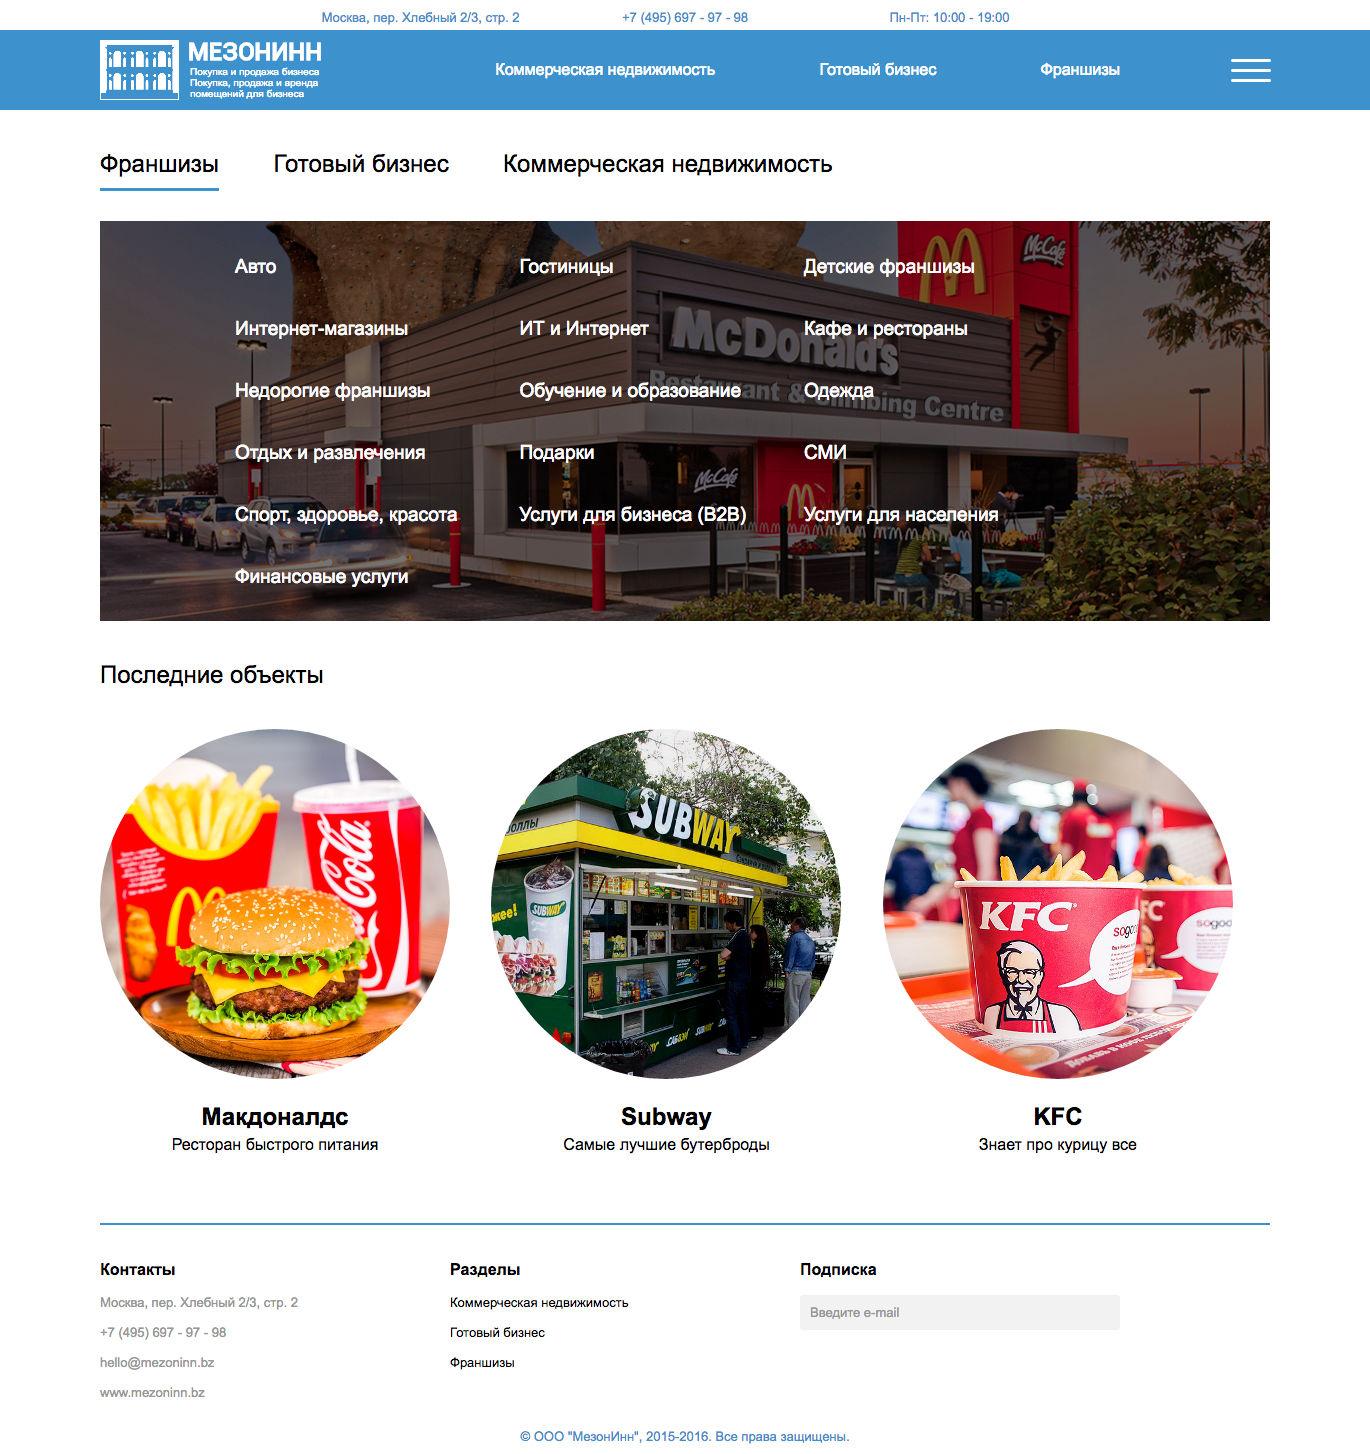 Доработать дизайн главной страницы сайта фото f_671574d7b5441f6b.jpg